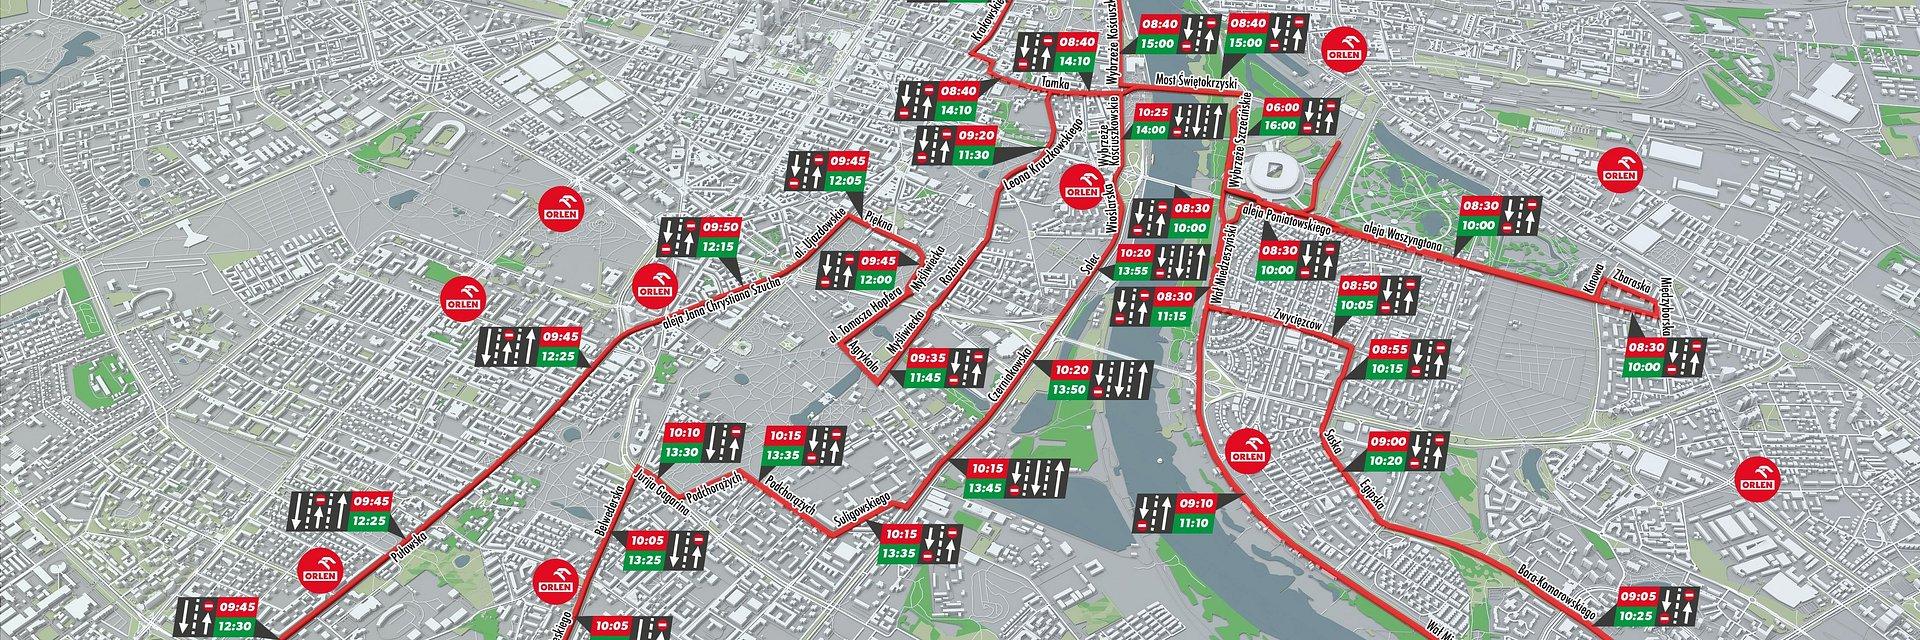 ORLEN Warsaw Marathon - utrudnienia w ruchu, zmiany komunikacyjne